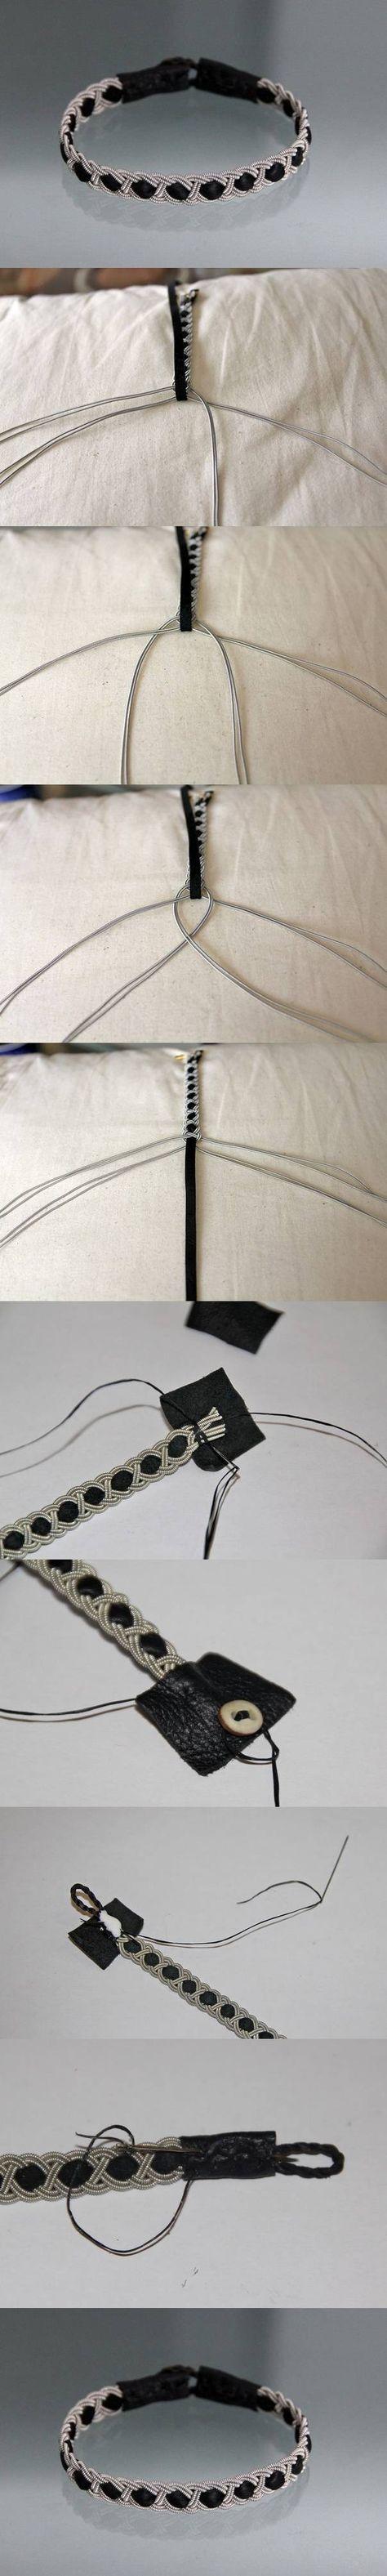 ひもをコードで編みくるむブレスレット作り方